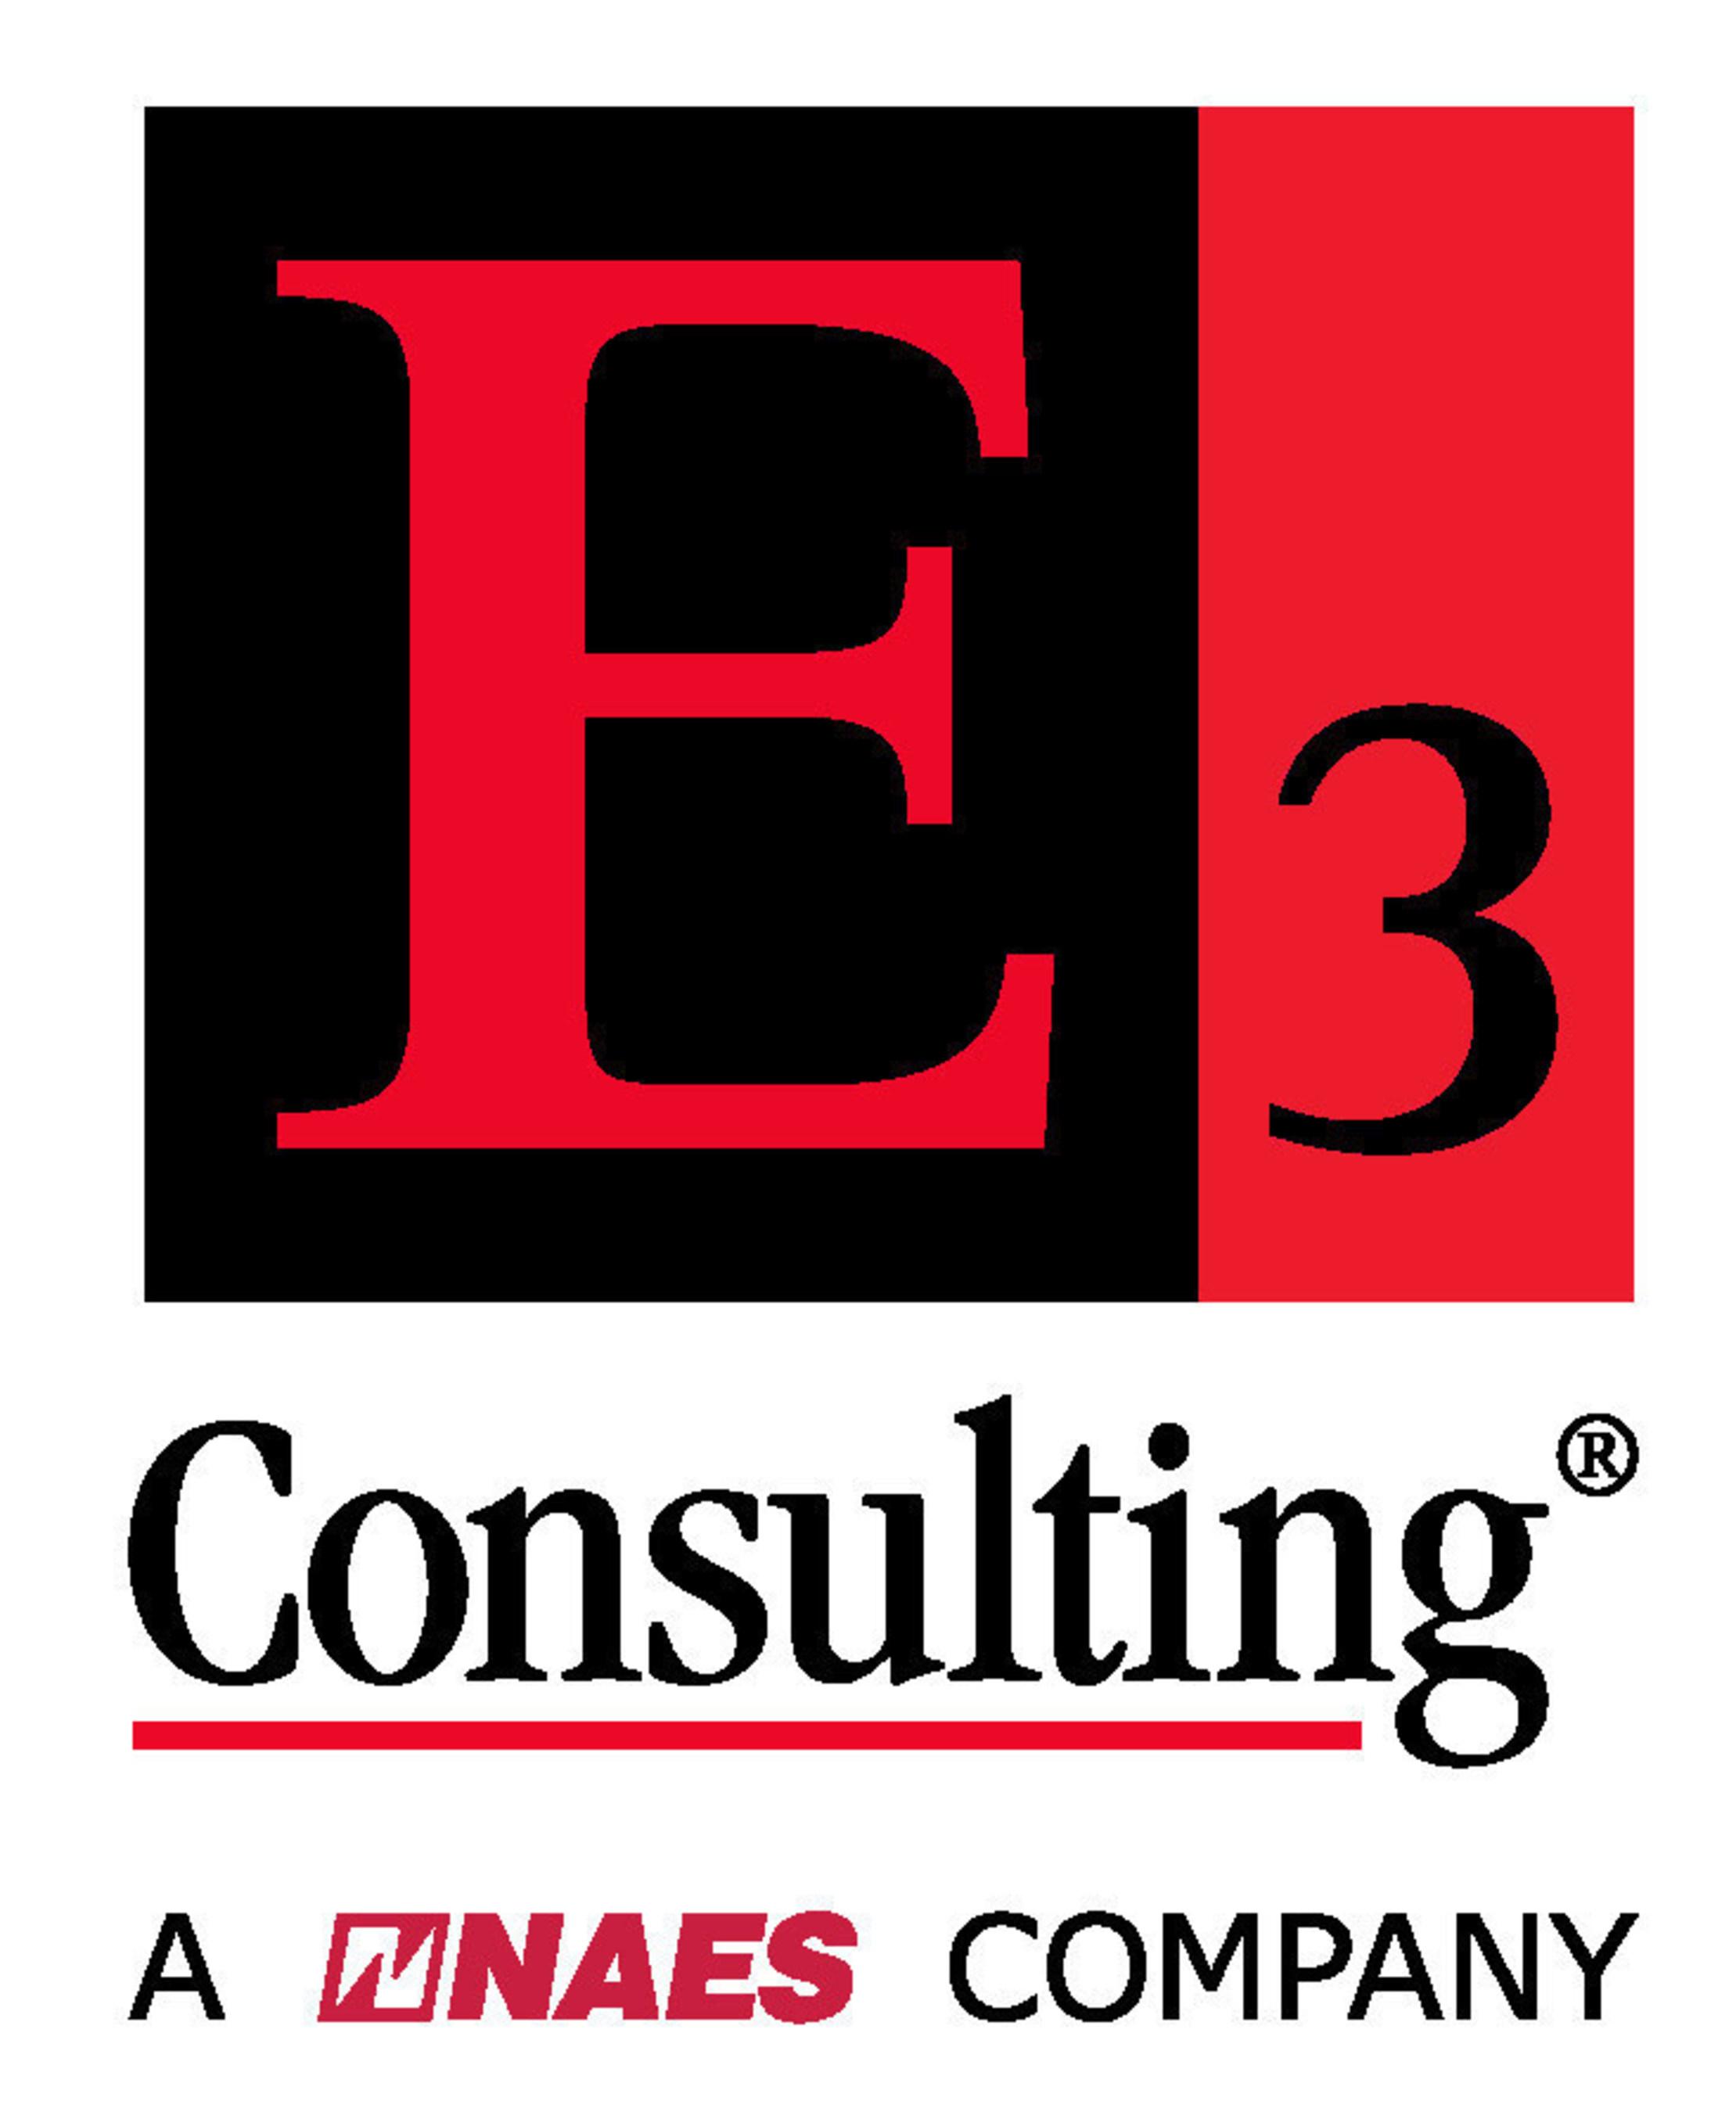 E3 Consulting